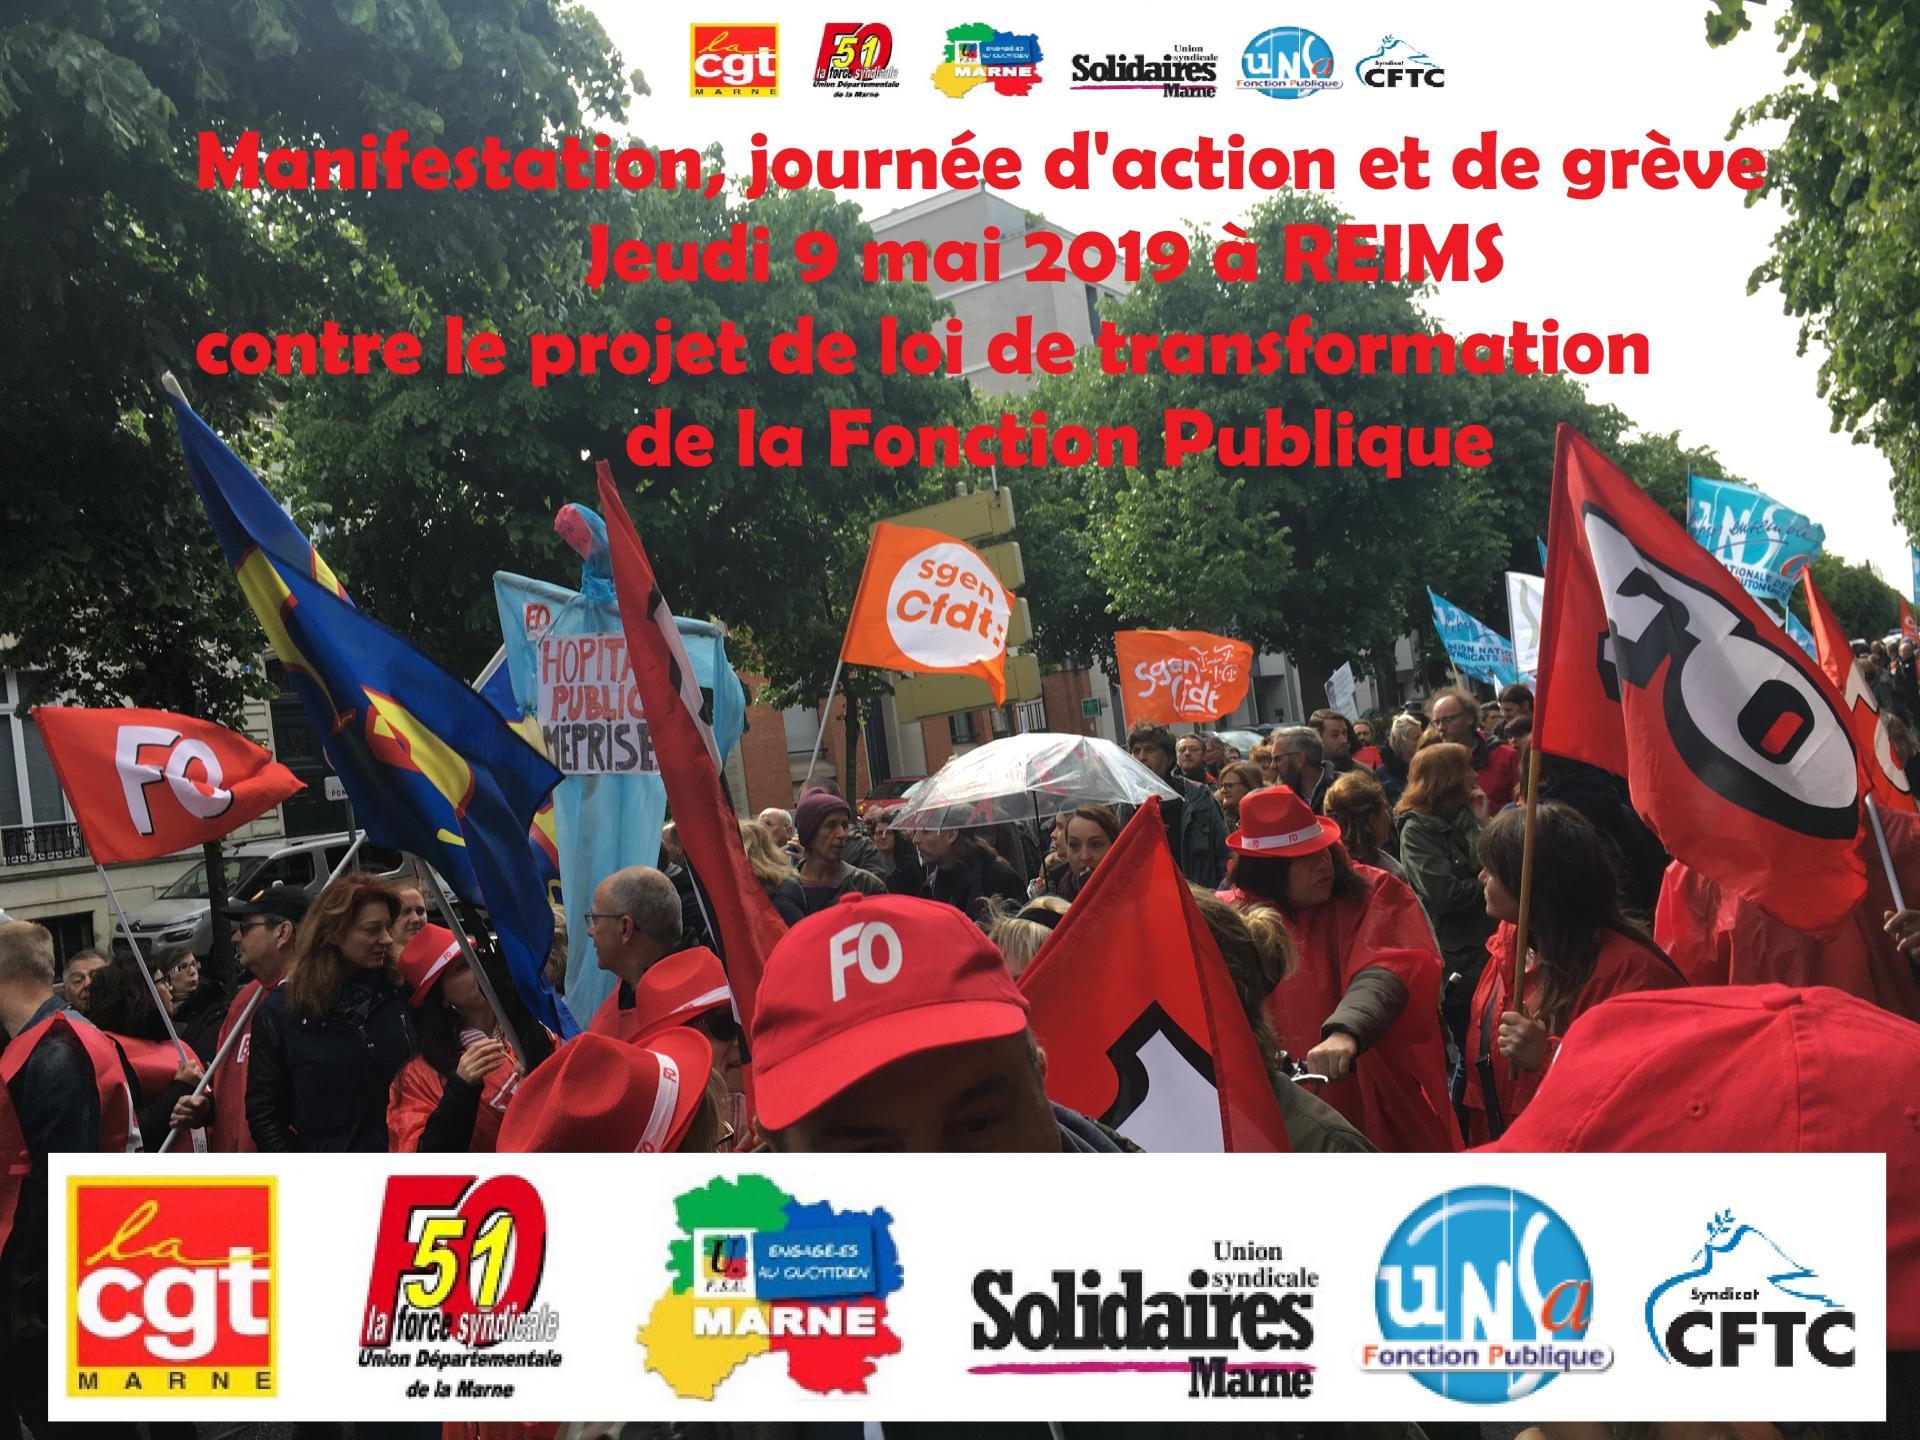 Manifestation et Grève de la Fonction Publique à Reims le 9 MAI 2019